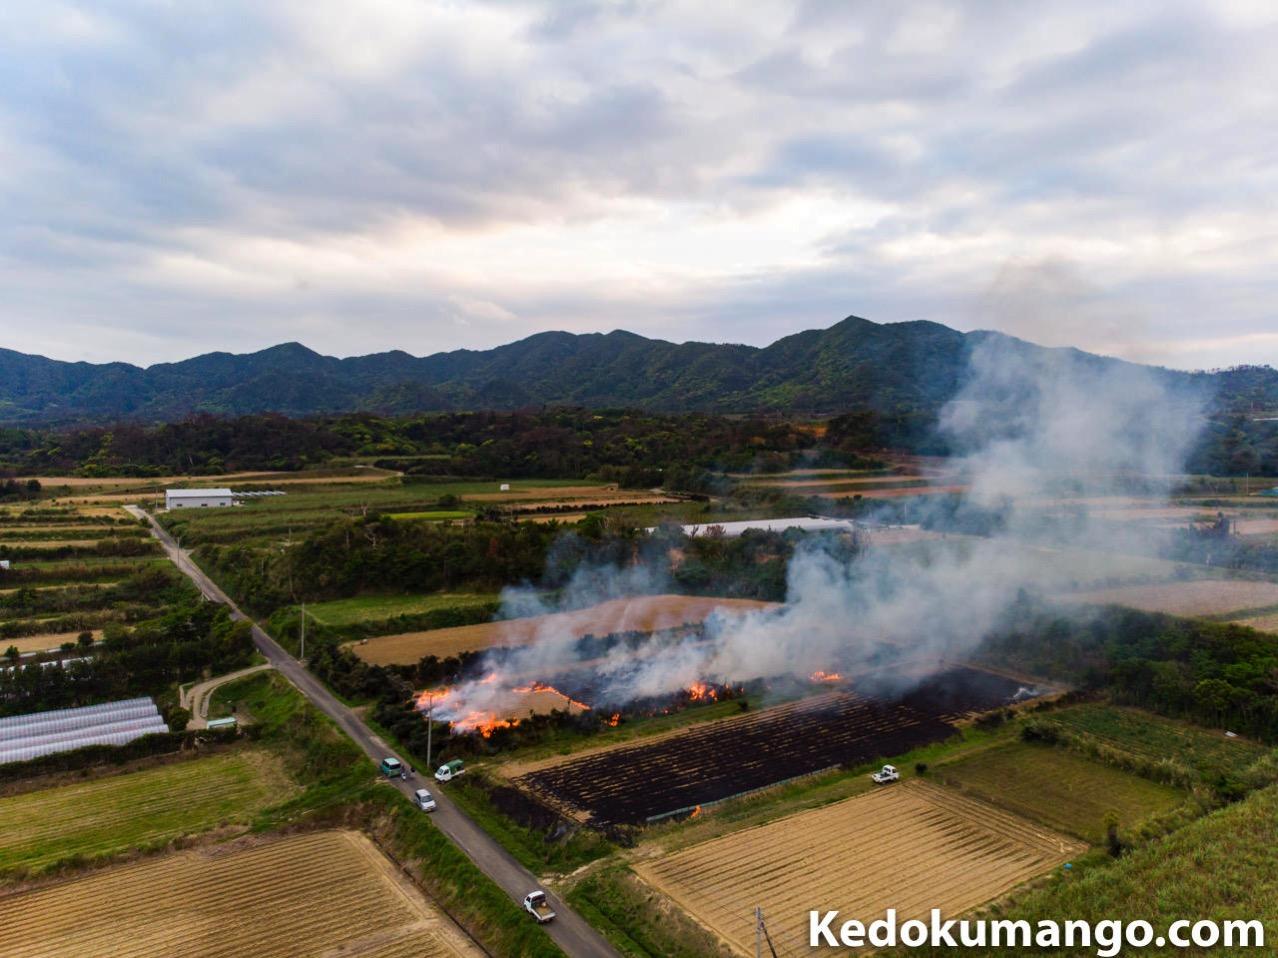 サトウキビ畑のハカマ焼き